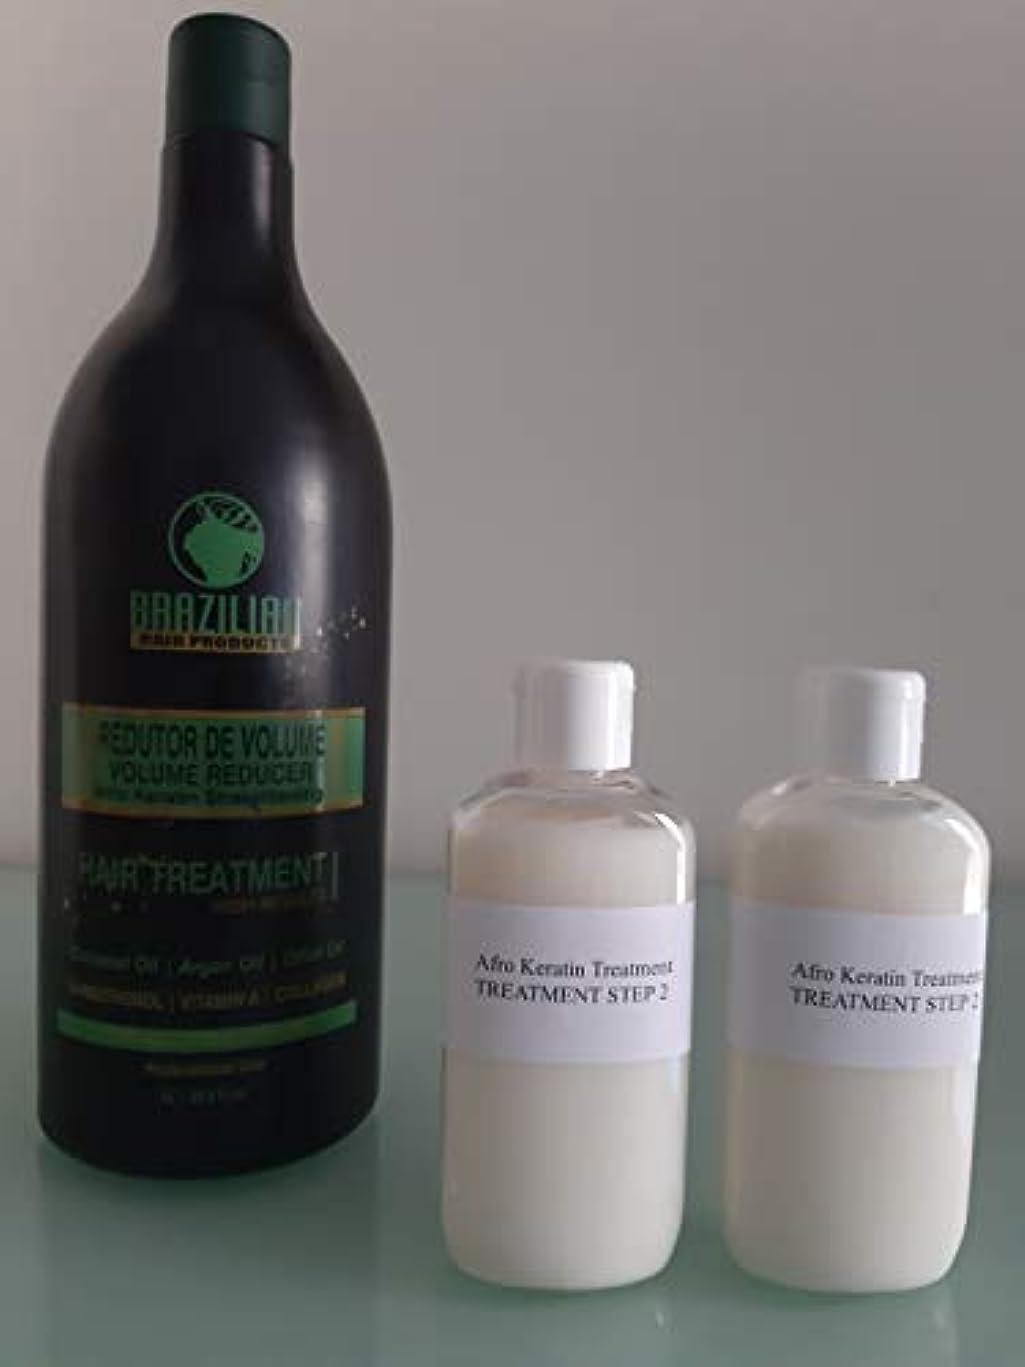 創始者かわいらしいストレンジャーアフロブラジルシステムケラチン毛矯正治療マルチサイズ (2 X 100ML ただケラチン)